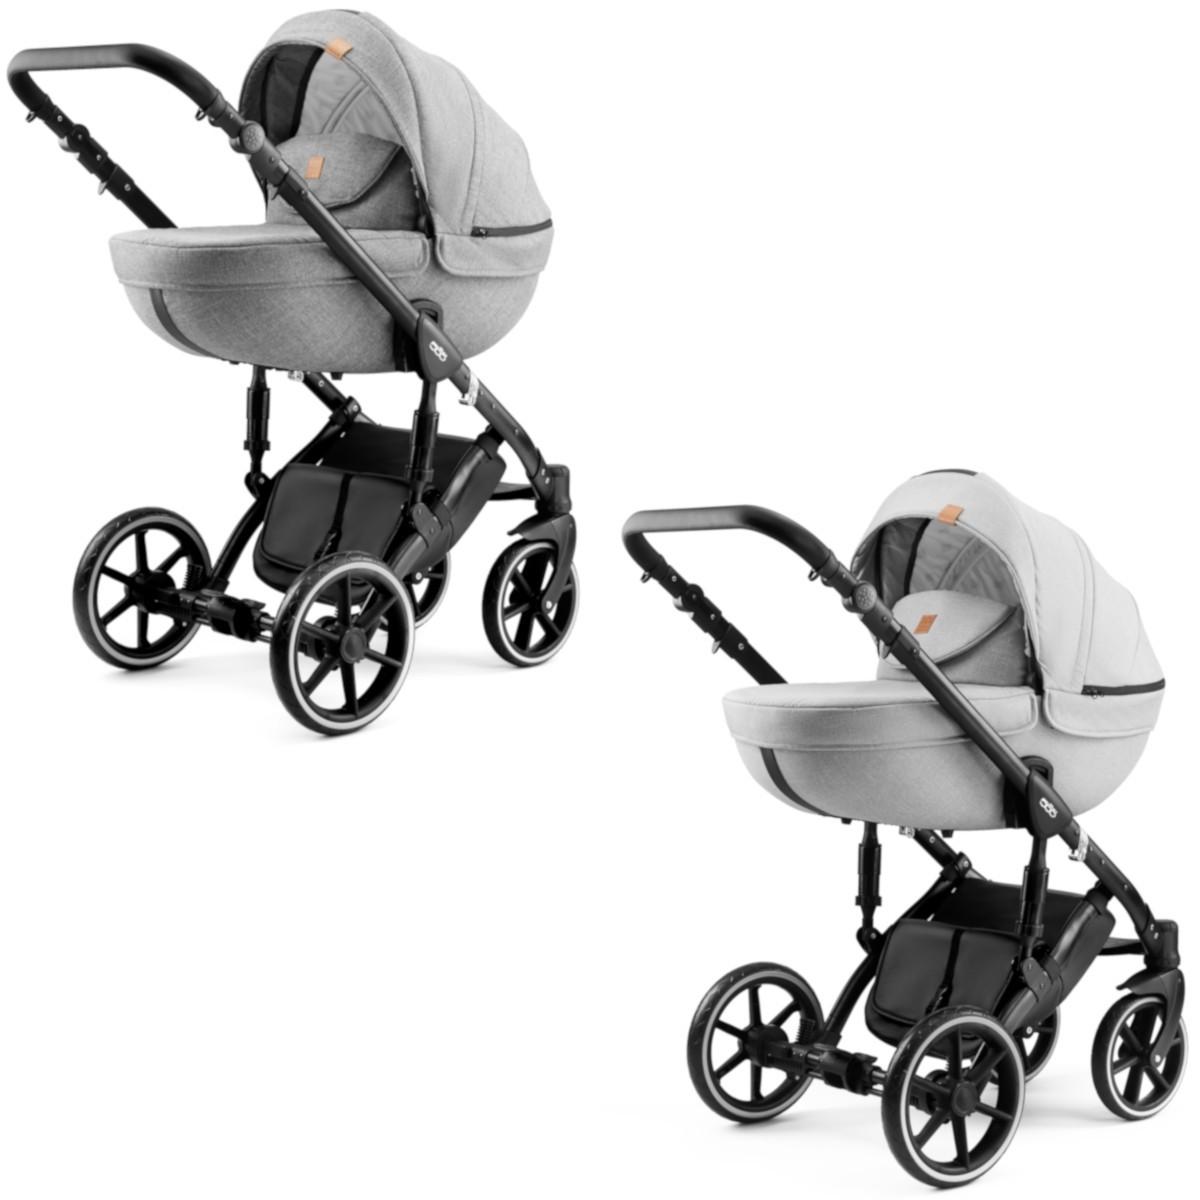 Dada Paradiso MAX 500 NEU Kombi Kinderwagen 2in1 mit Babywanne + Sportwagenaufsatz / Buggy oder 3in1 + Babyschale / Autoschale, 2 Farben